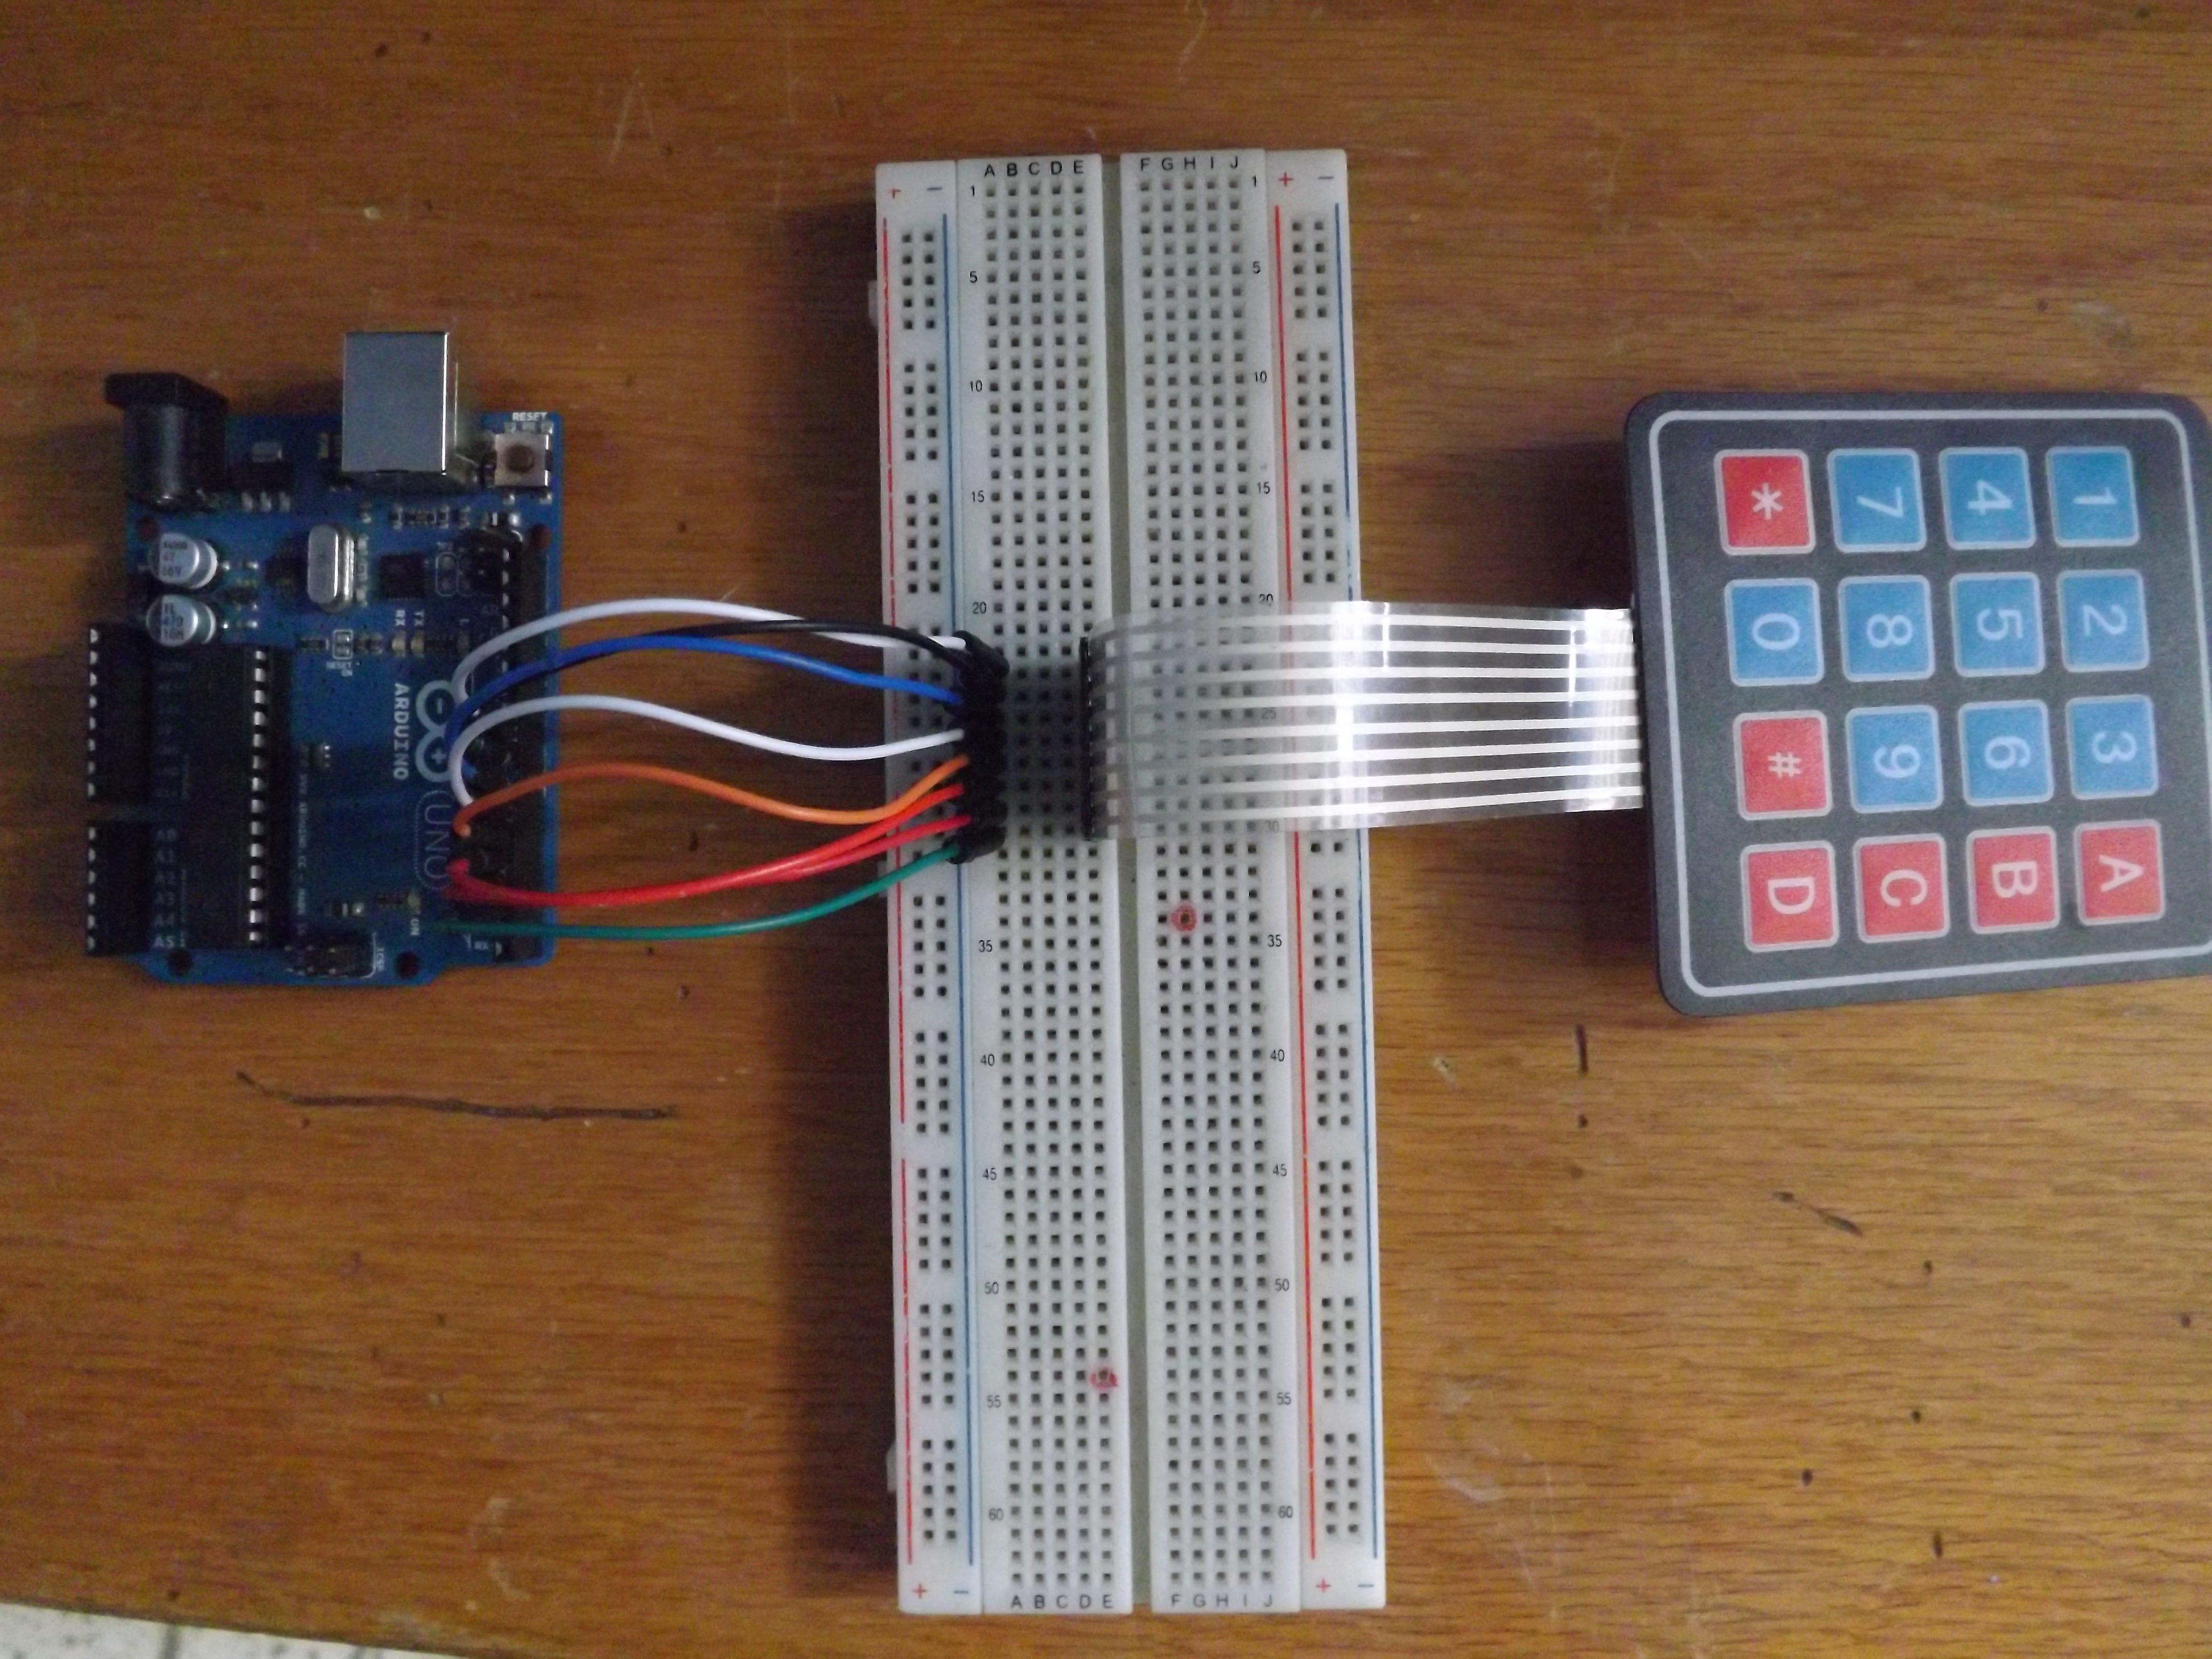 imagen2: Conexiones entre arduino y el teclado matricial 4x4